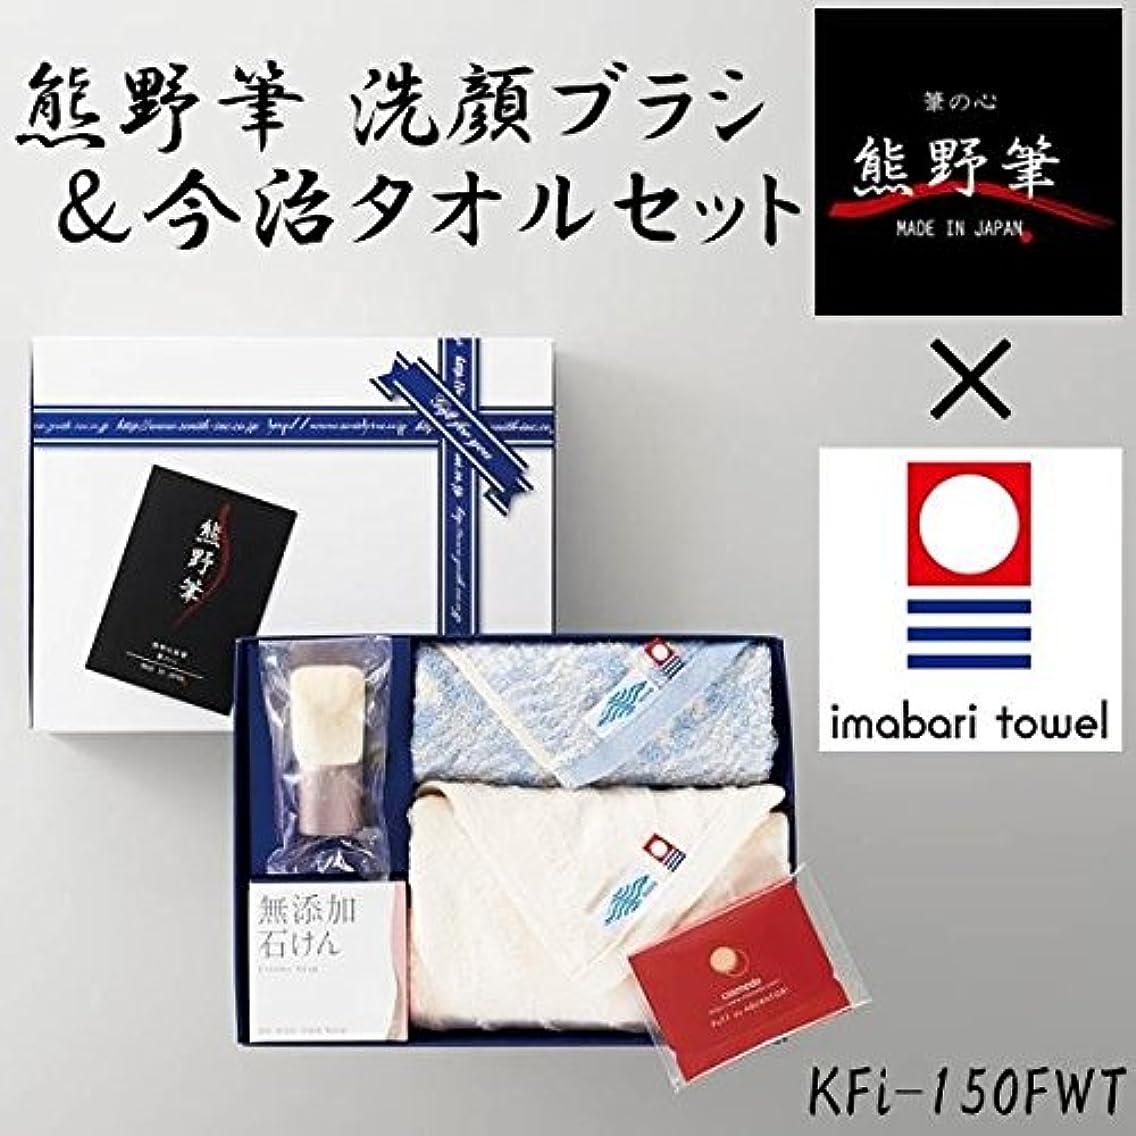 劇的シリーズ驚くべき熊野筆 洗顔ブラシ&今治タオルセット KFi-150FWT【同梱?代引不可】